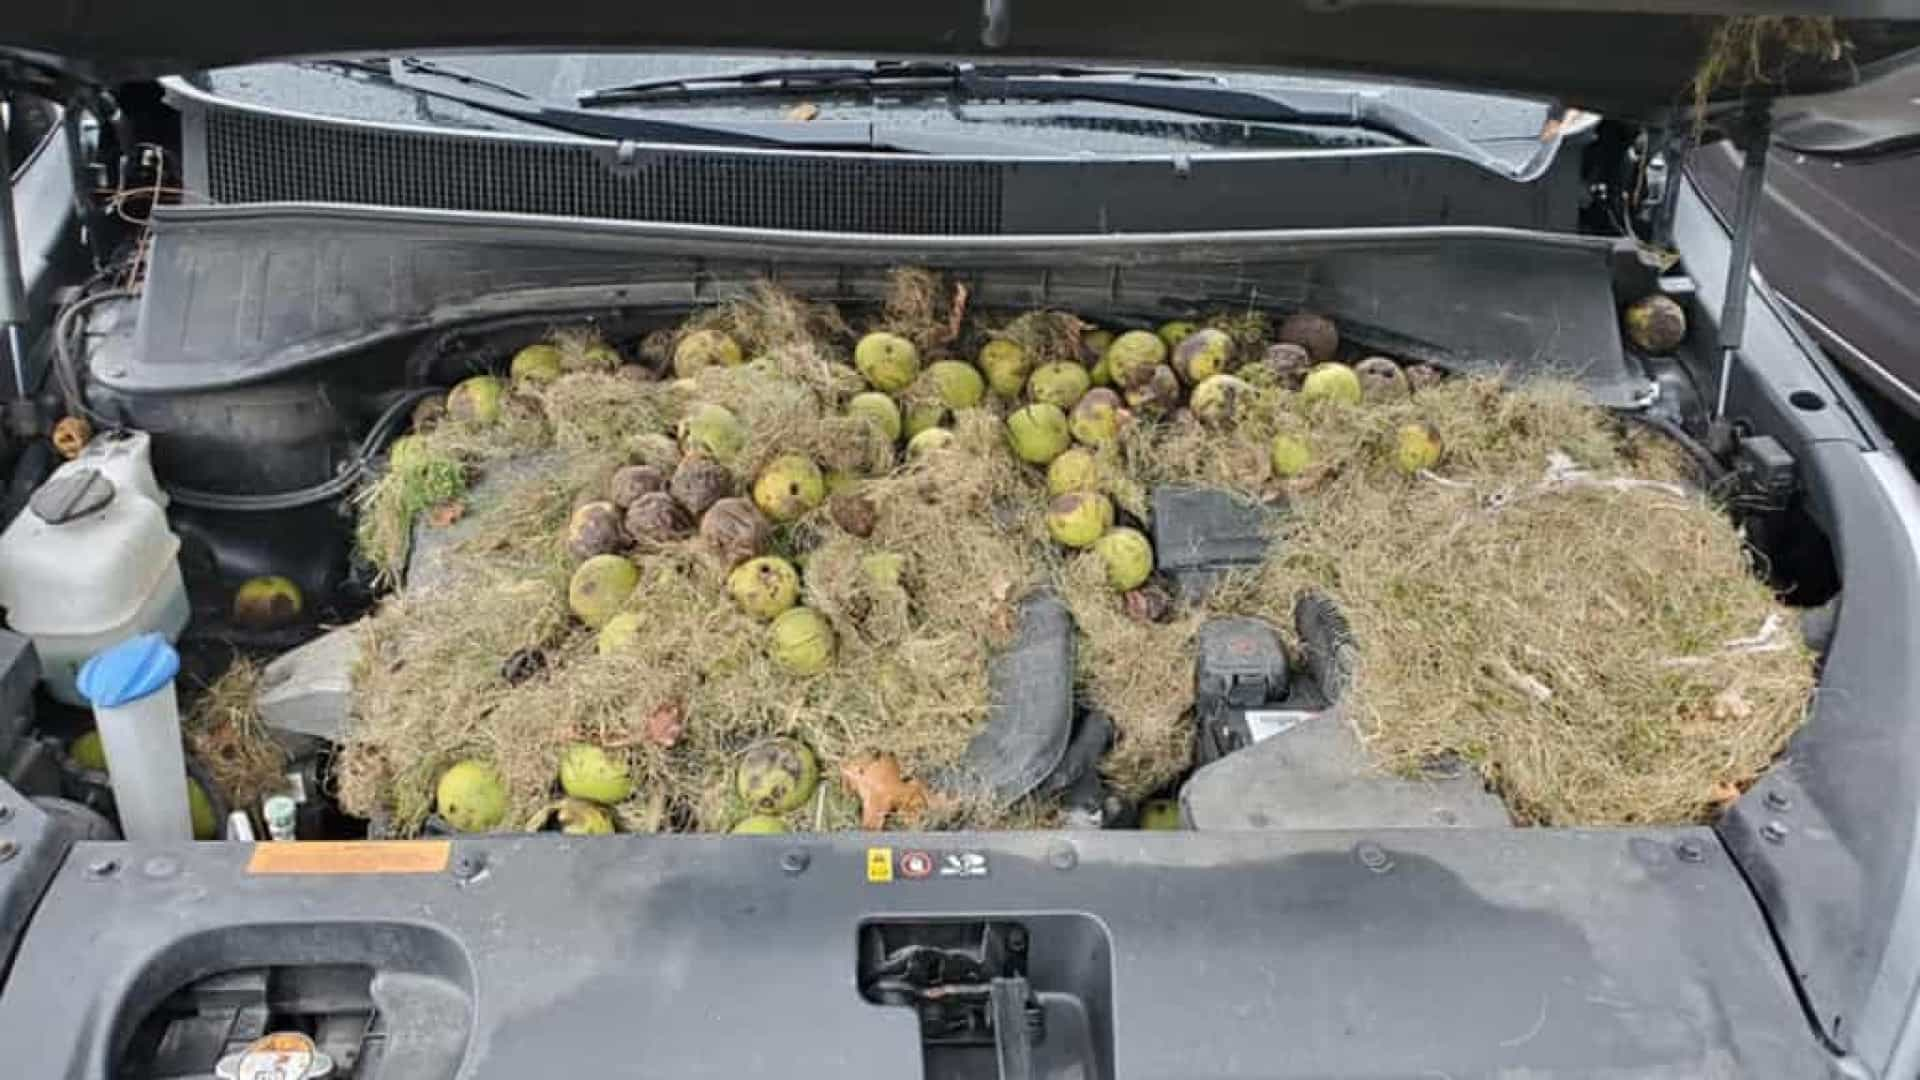 Esquilos escondem mais de 200 nozes debaixo de capô de carro